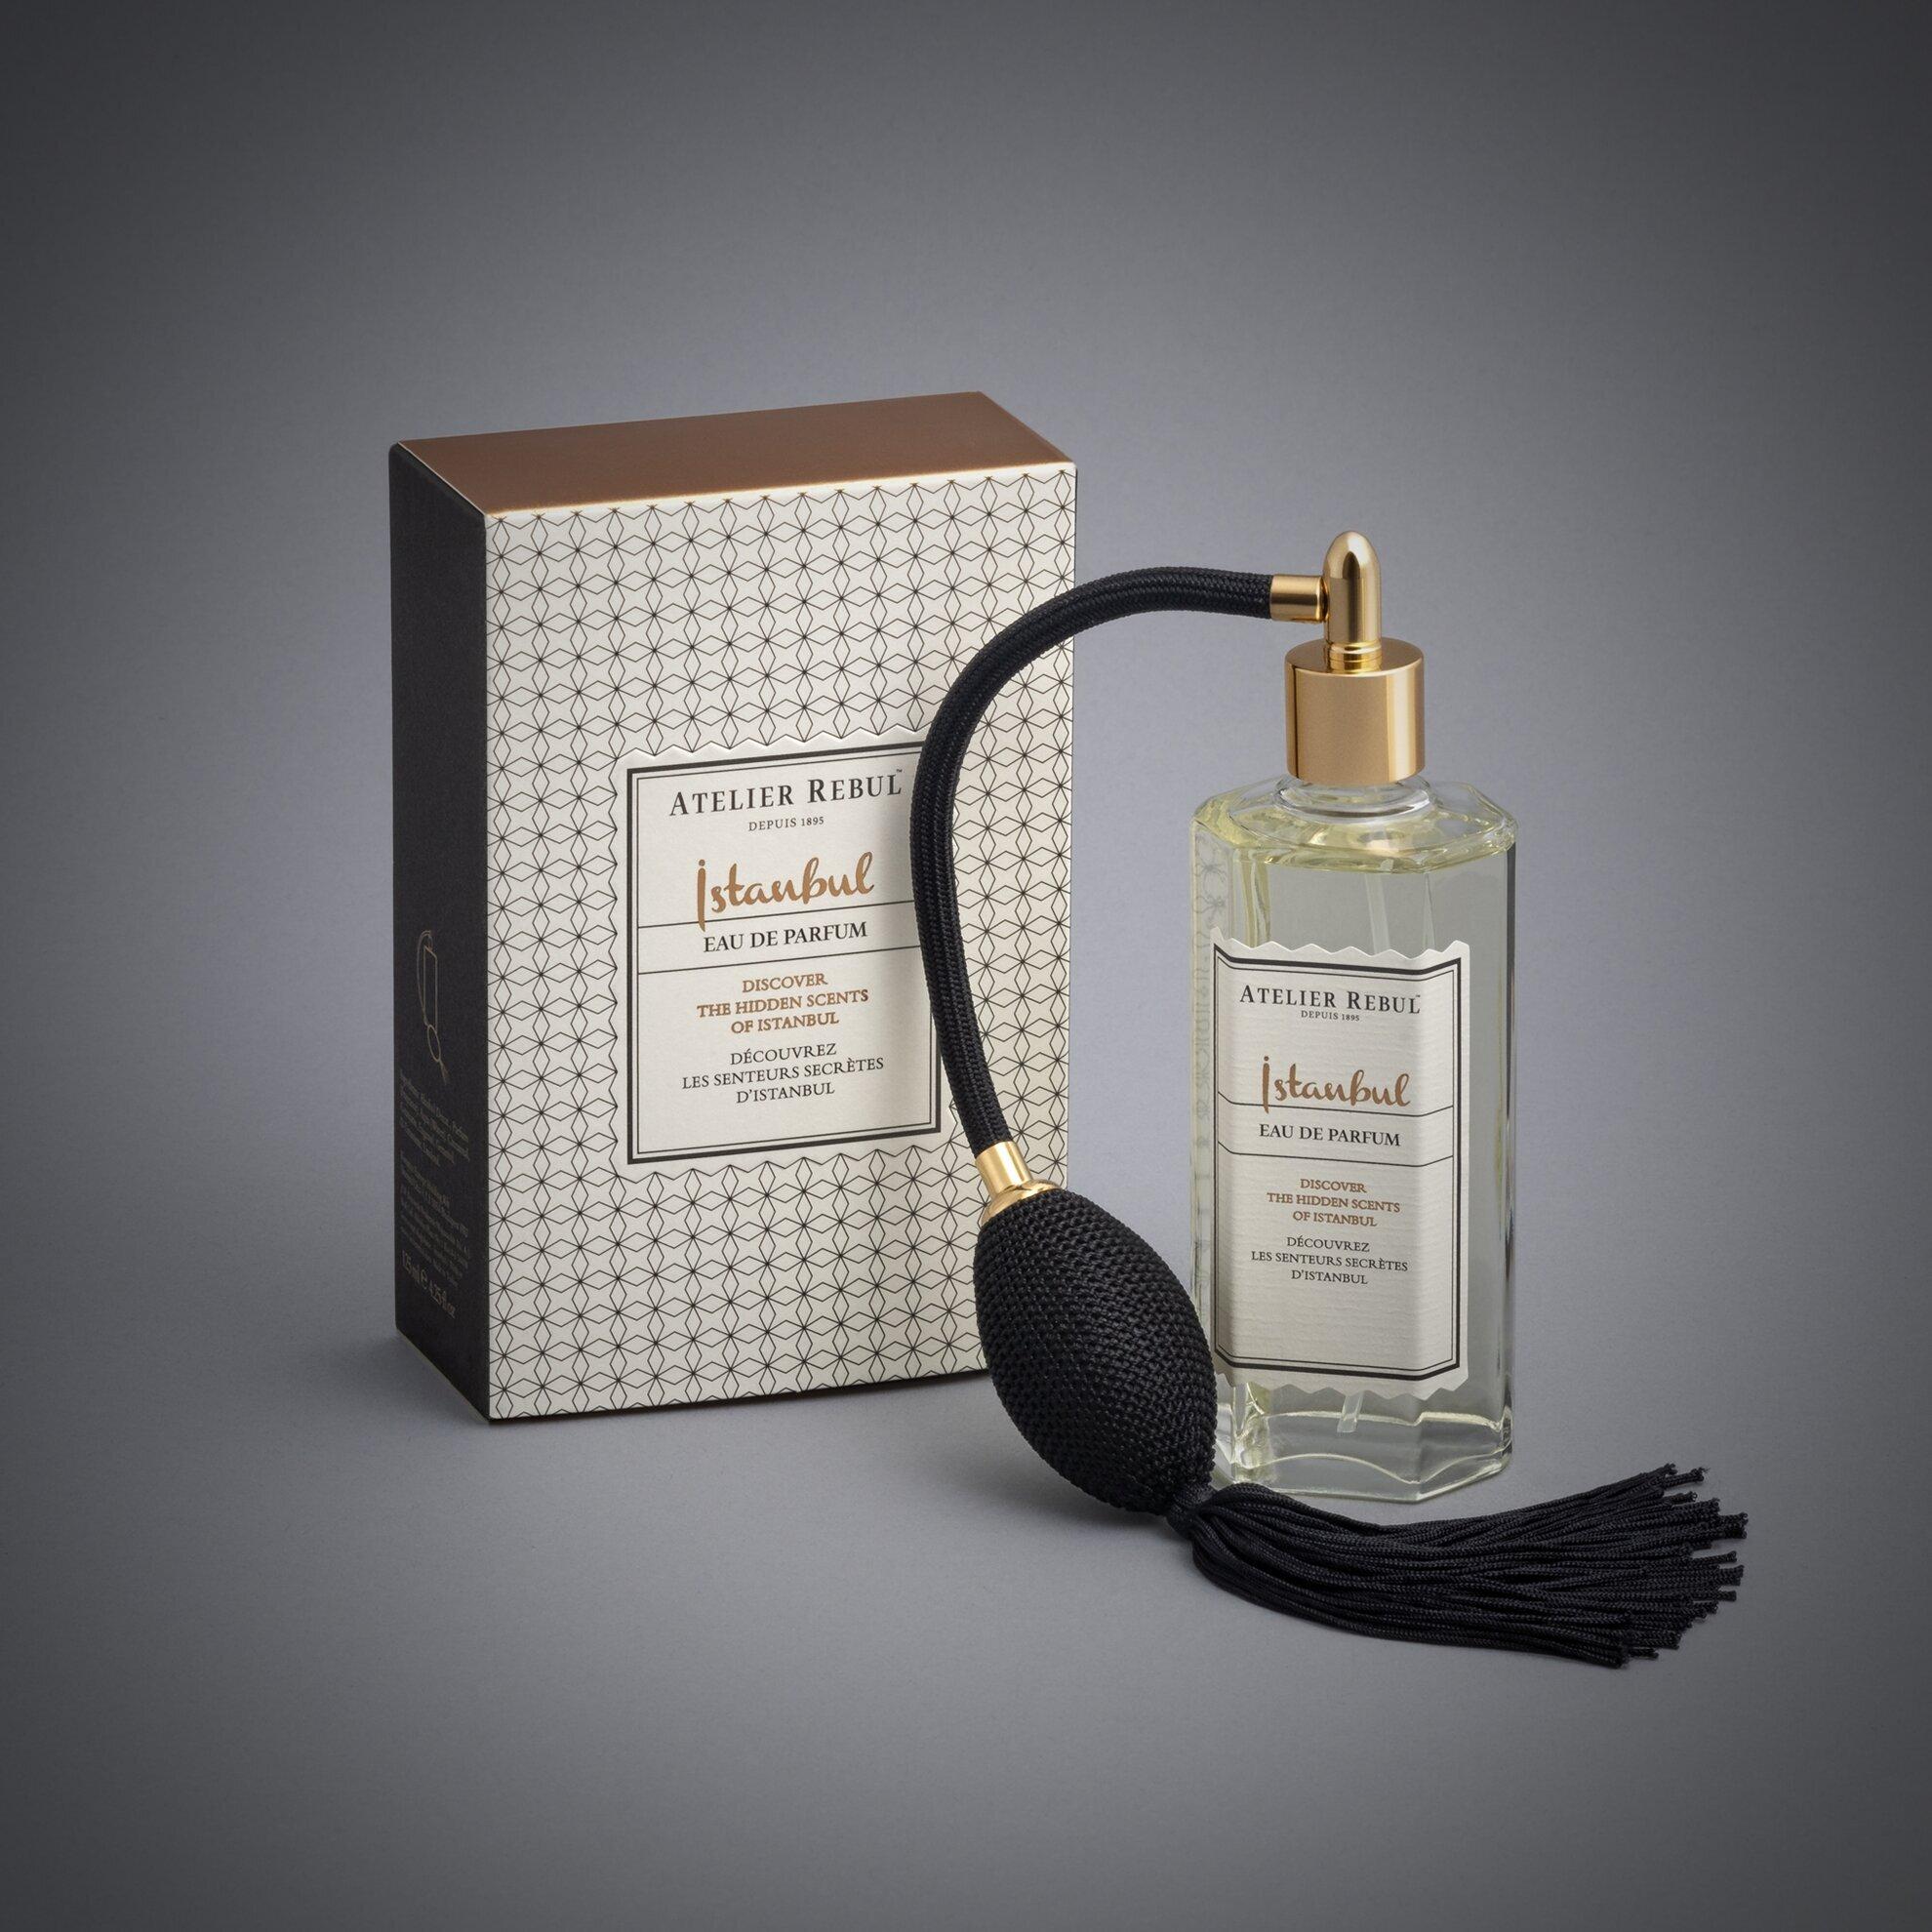 İstanbul Eau de Parfum 125 ml